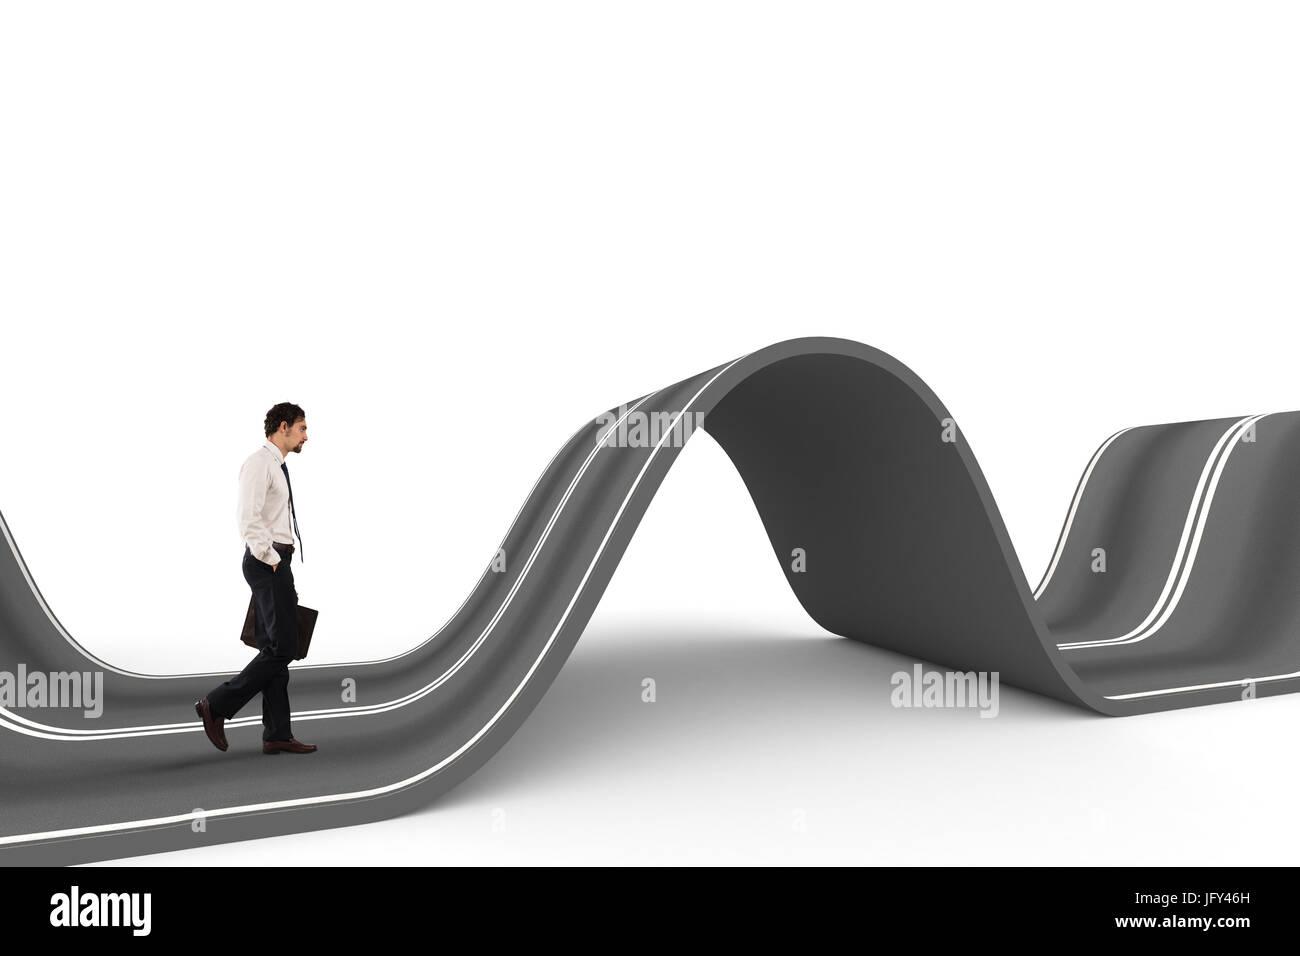 El empresario listo para arrancar en un camino complicado. Concepto de desafío Imagen De Stock